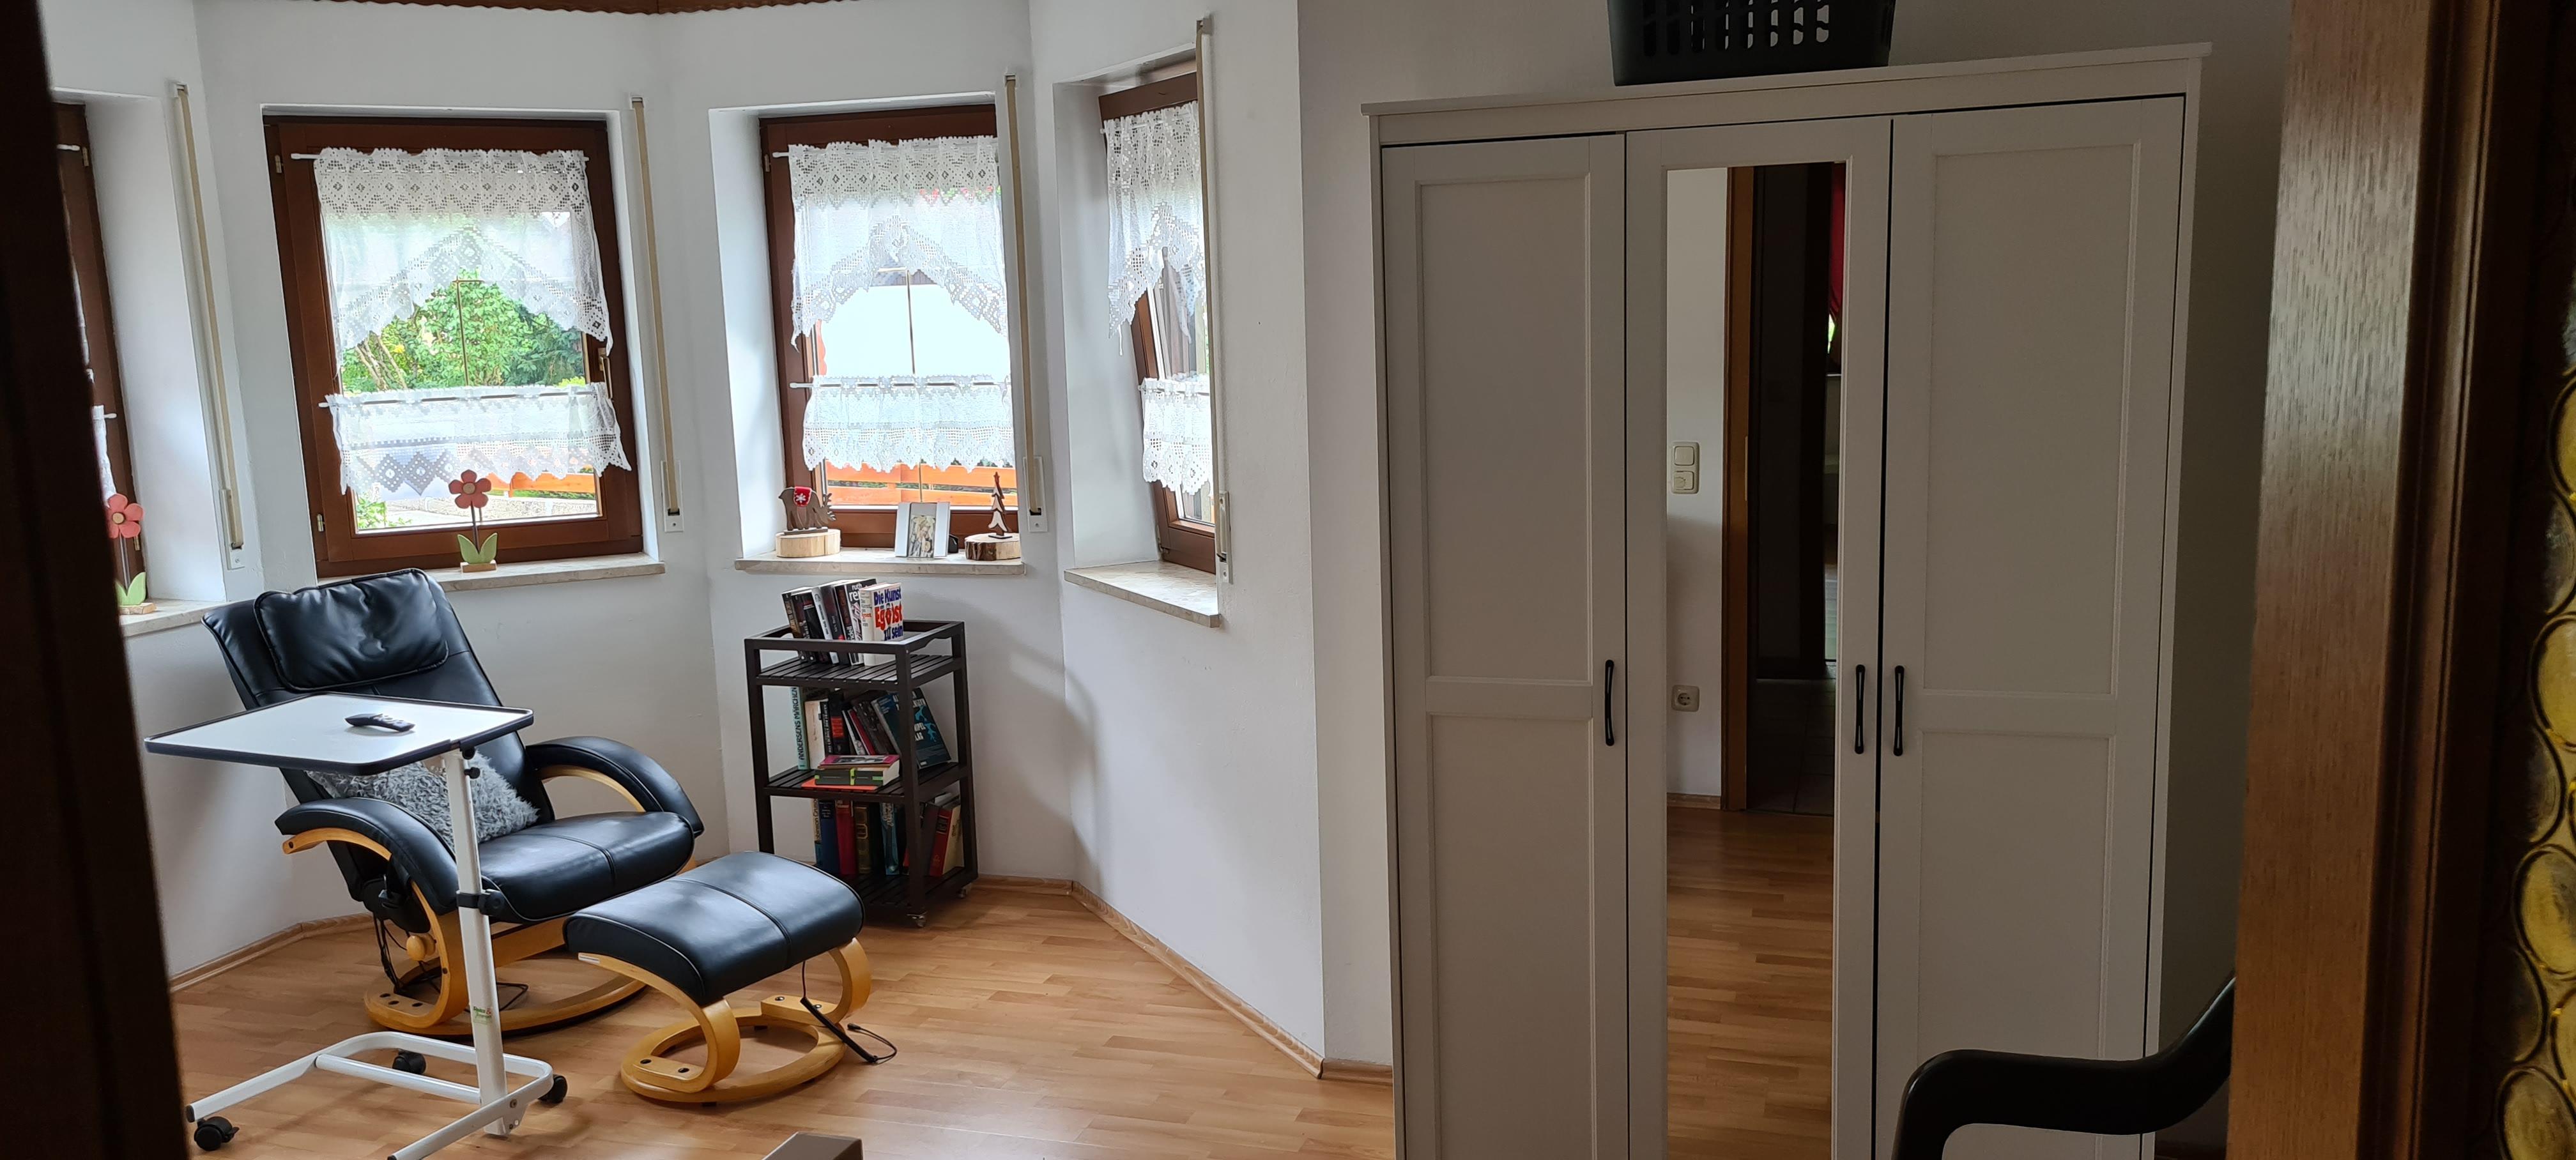 2. Schlafzimmer Erkerzimmer mit Pflegebett